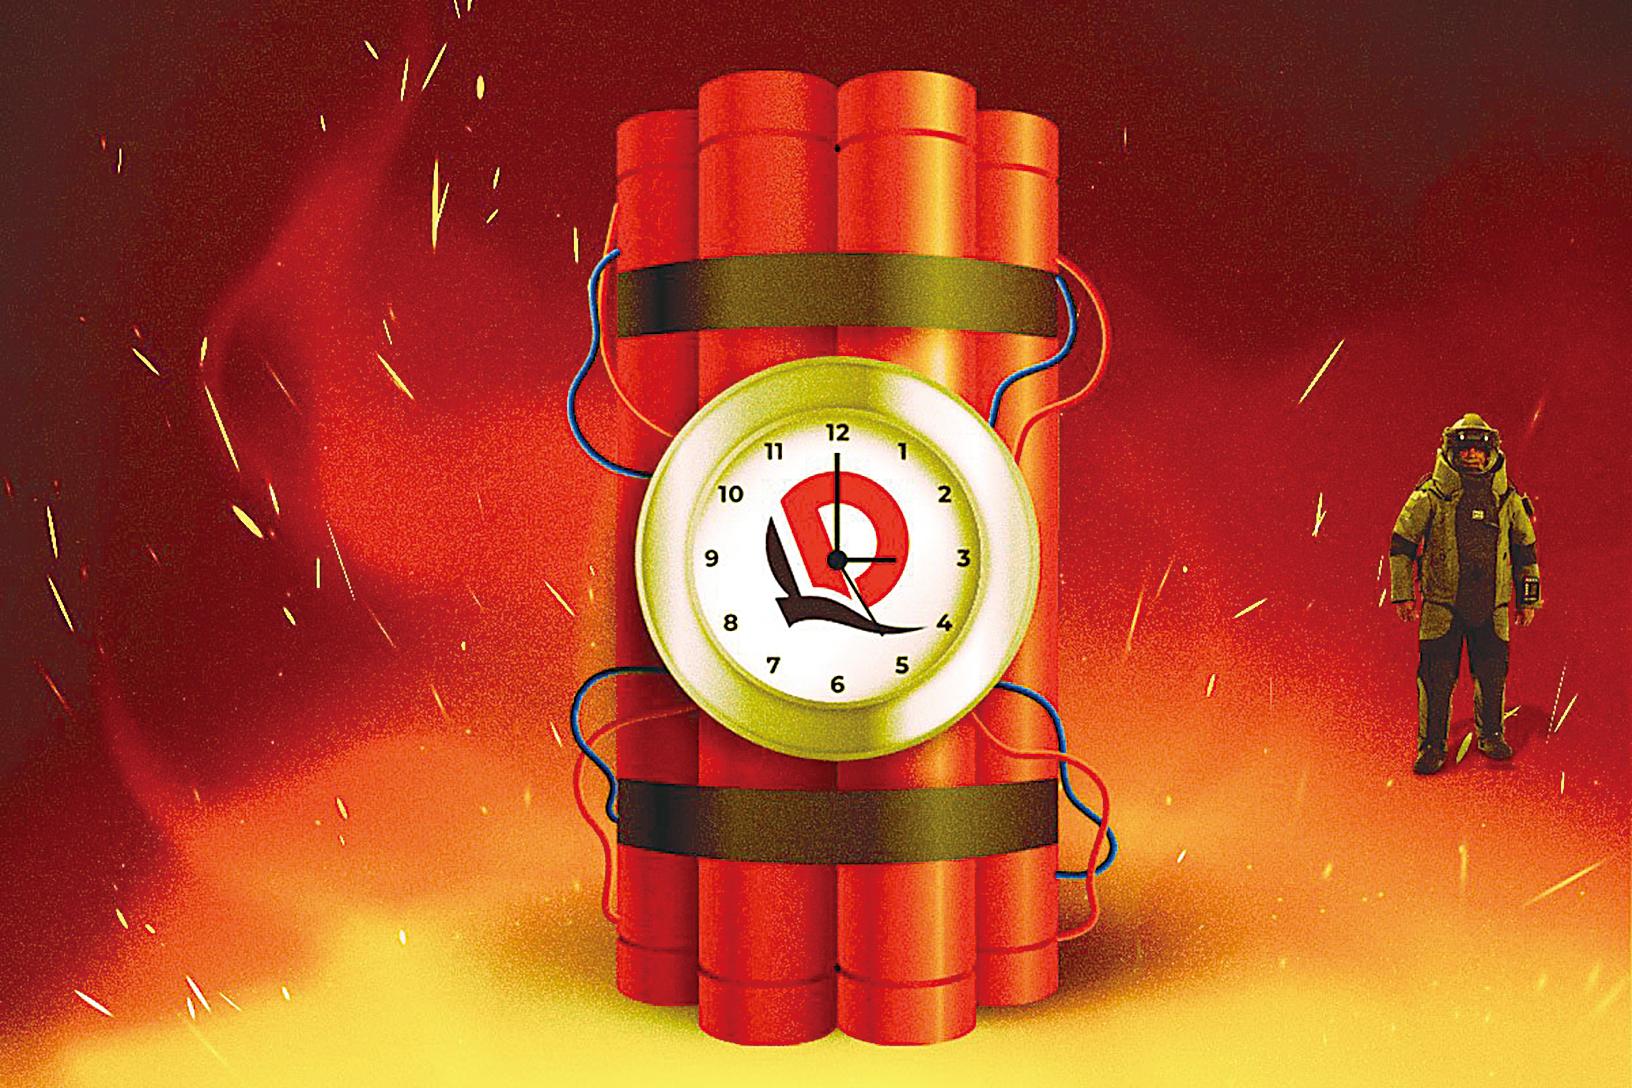 恒大還能挺多久,或導致全球危機?新請的財務救兵,曾參與雷曼兄弟破產案?(大紀元製圖)